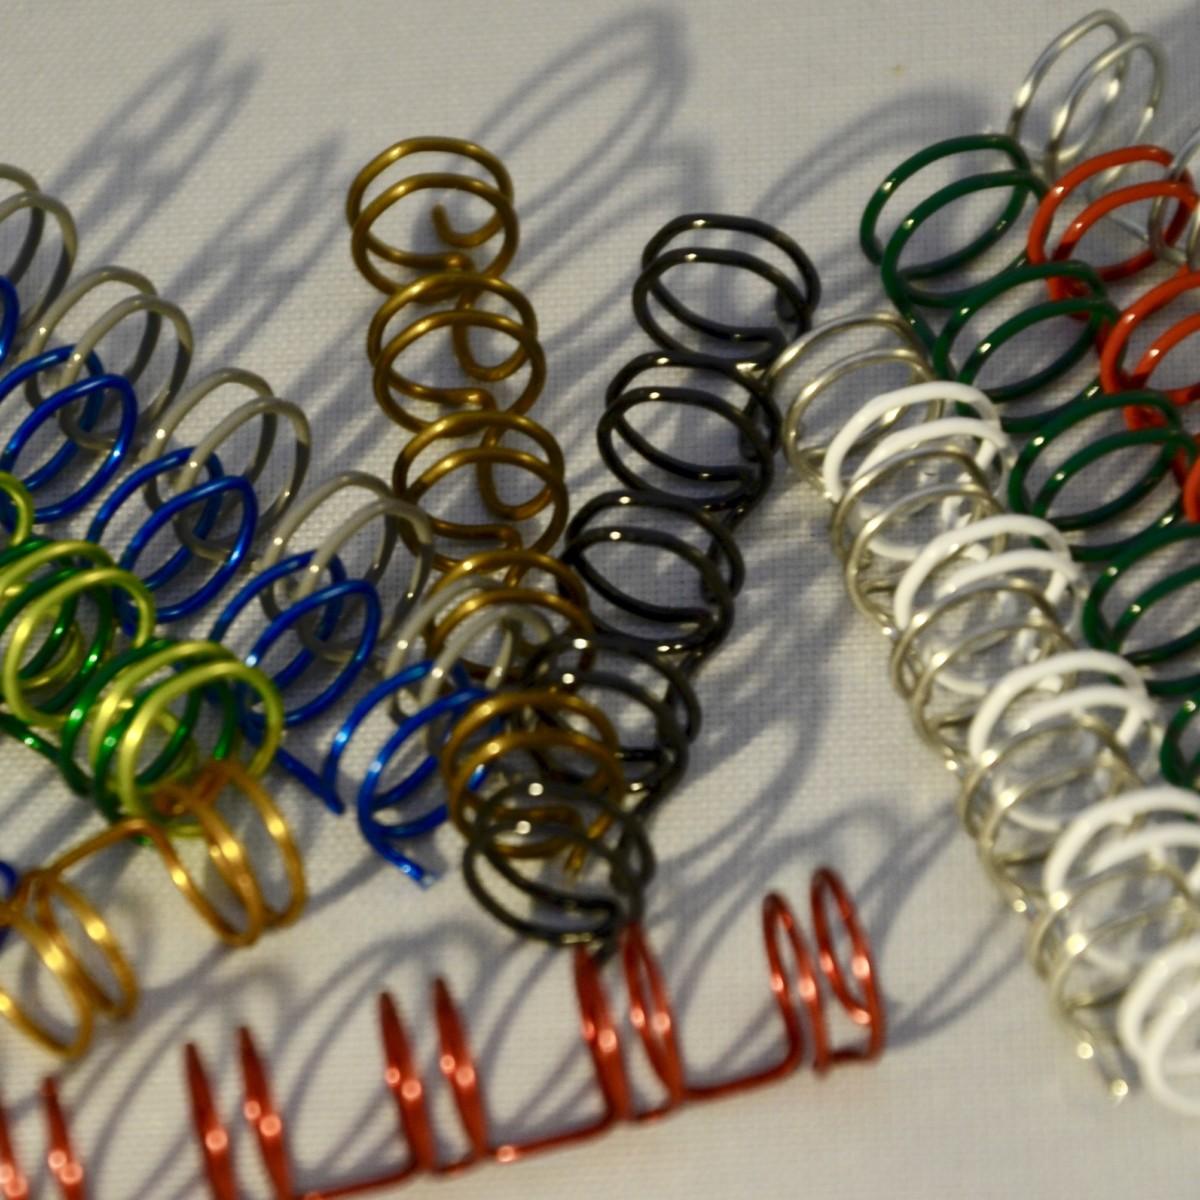 des reliures double spirale de toutes les couleurs